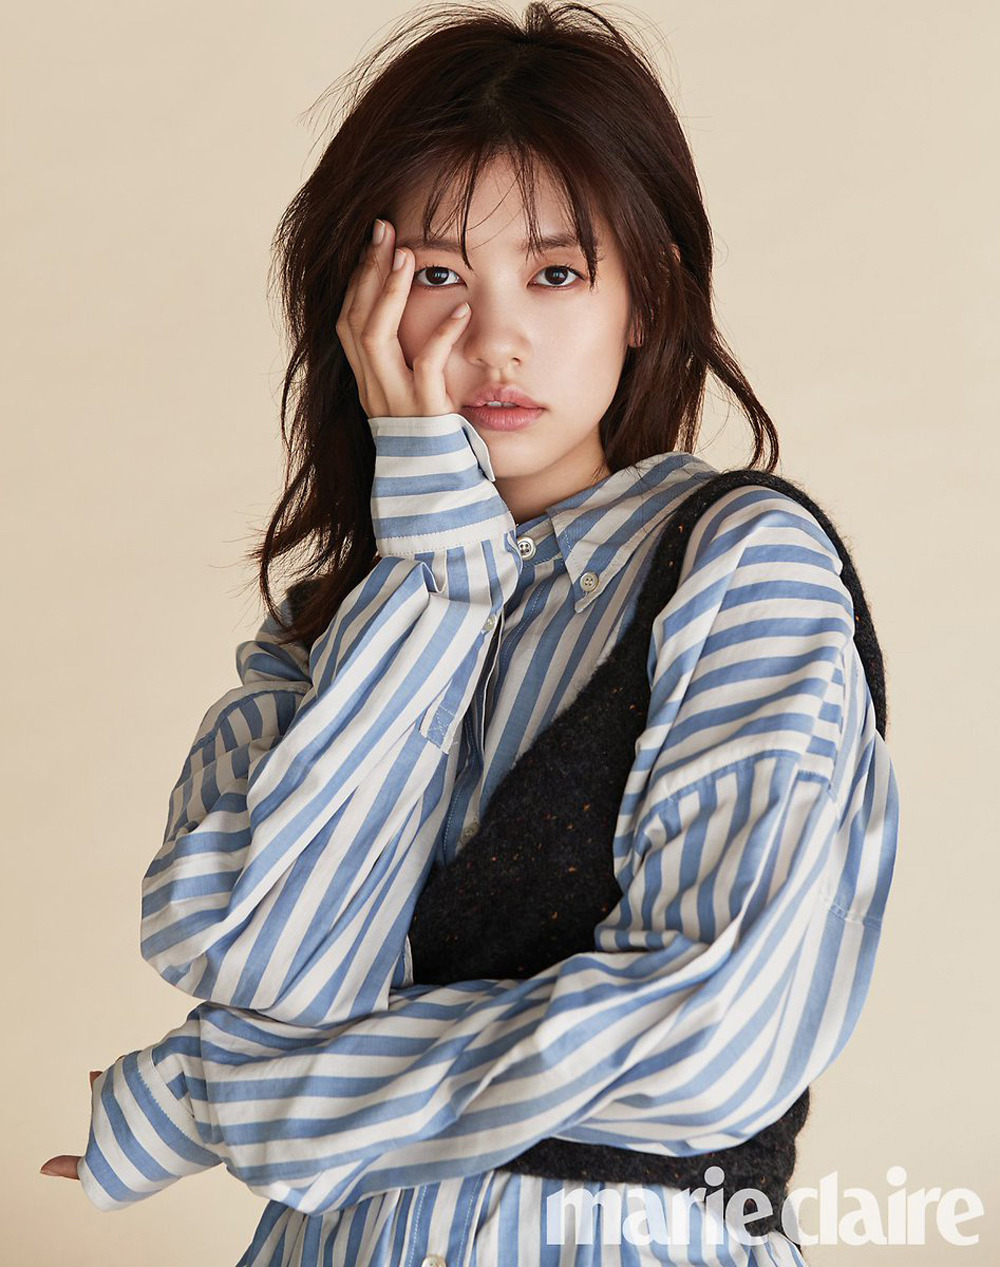 배우 정소민 (Jung So-min)